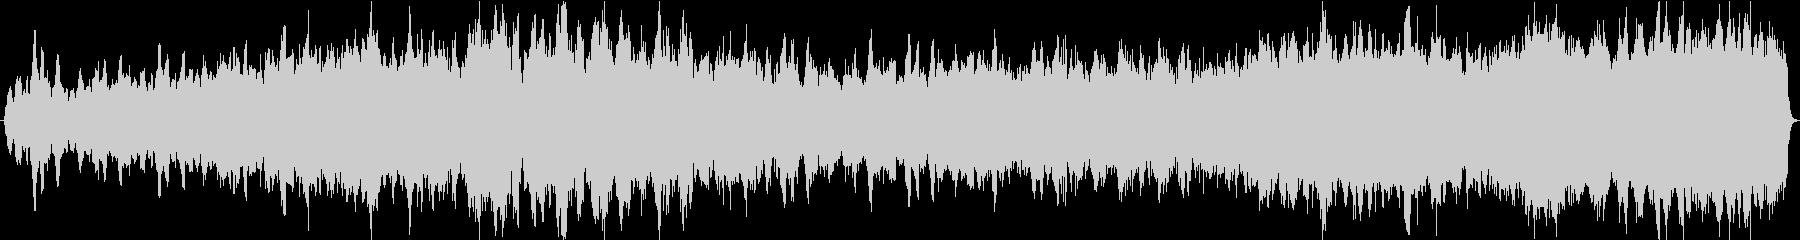 パフェルベルのカノン 弦楽オーケストラの未再生の波形